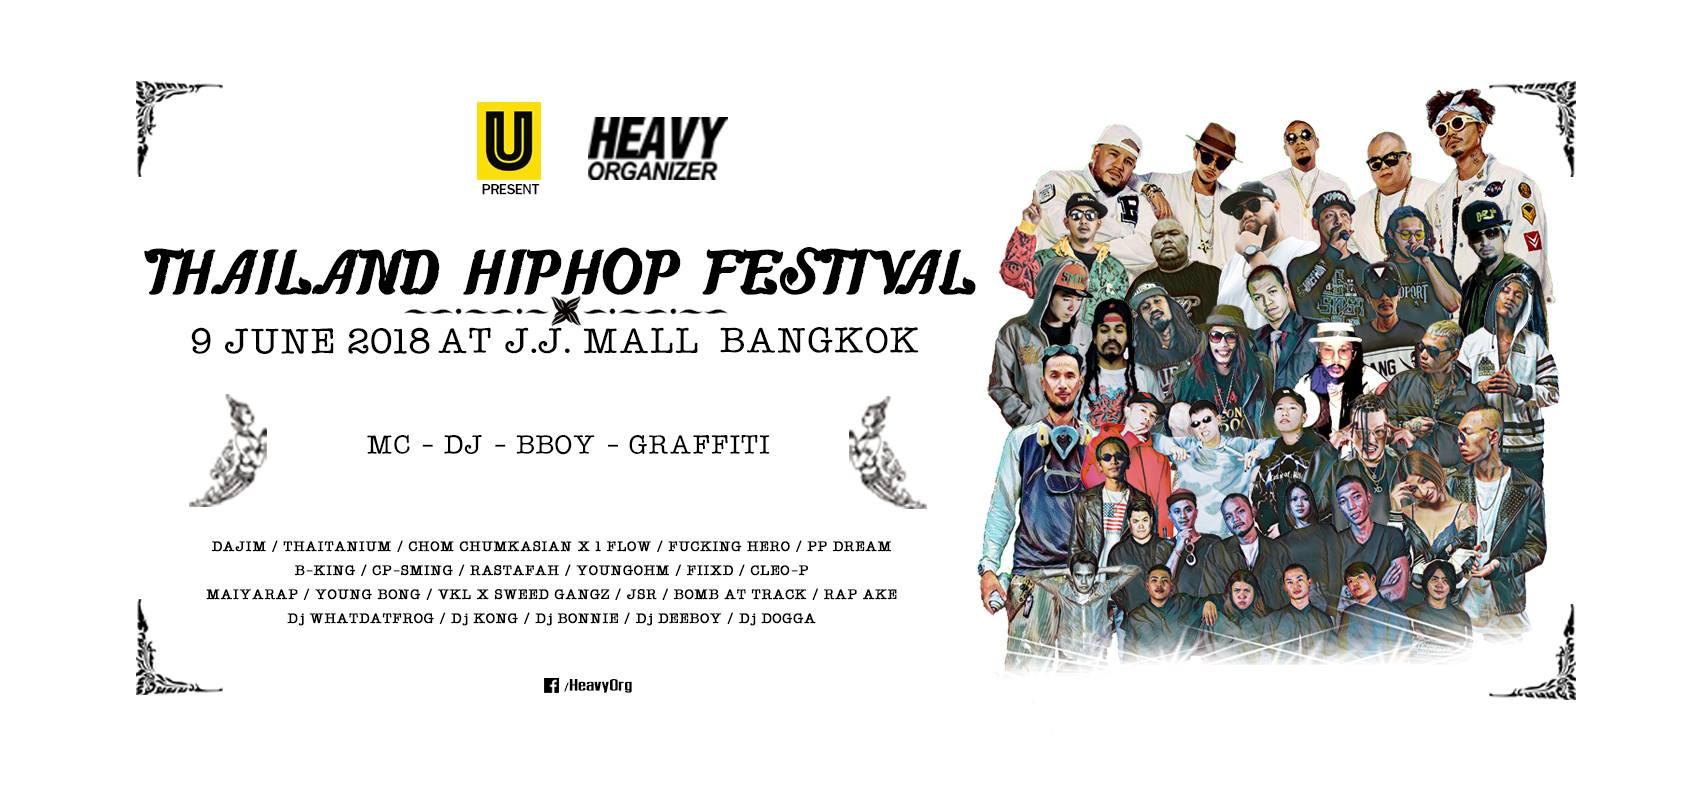 hiphopfest